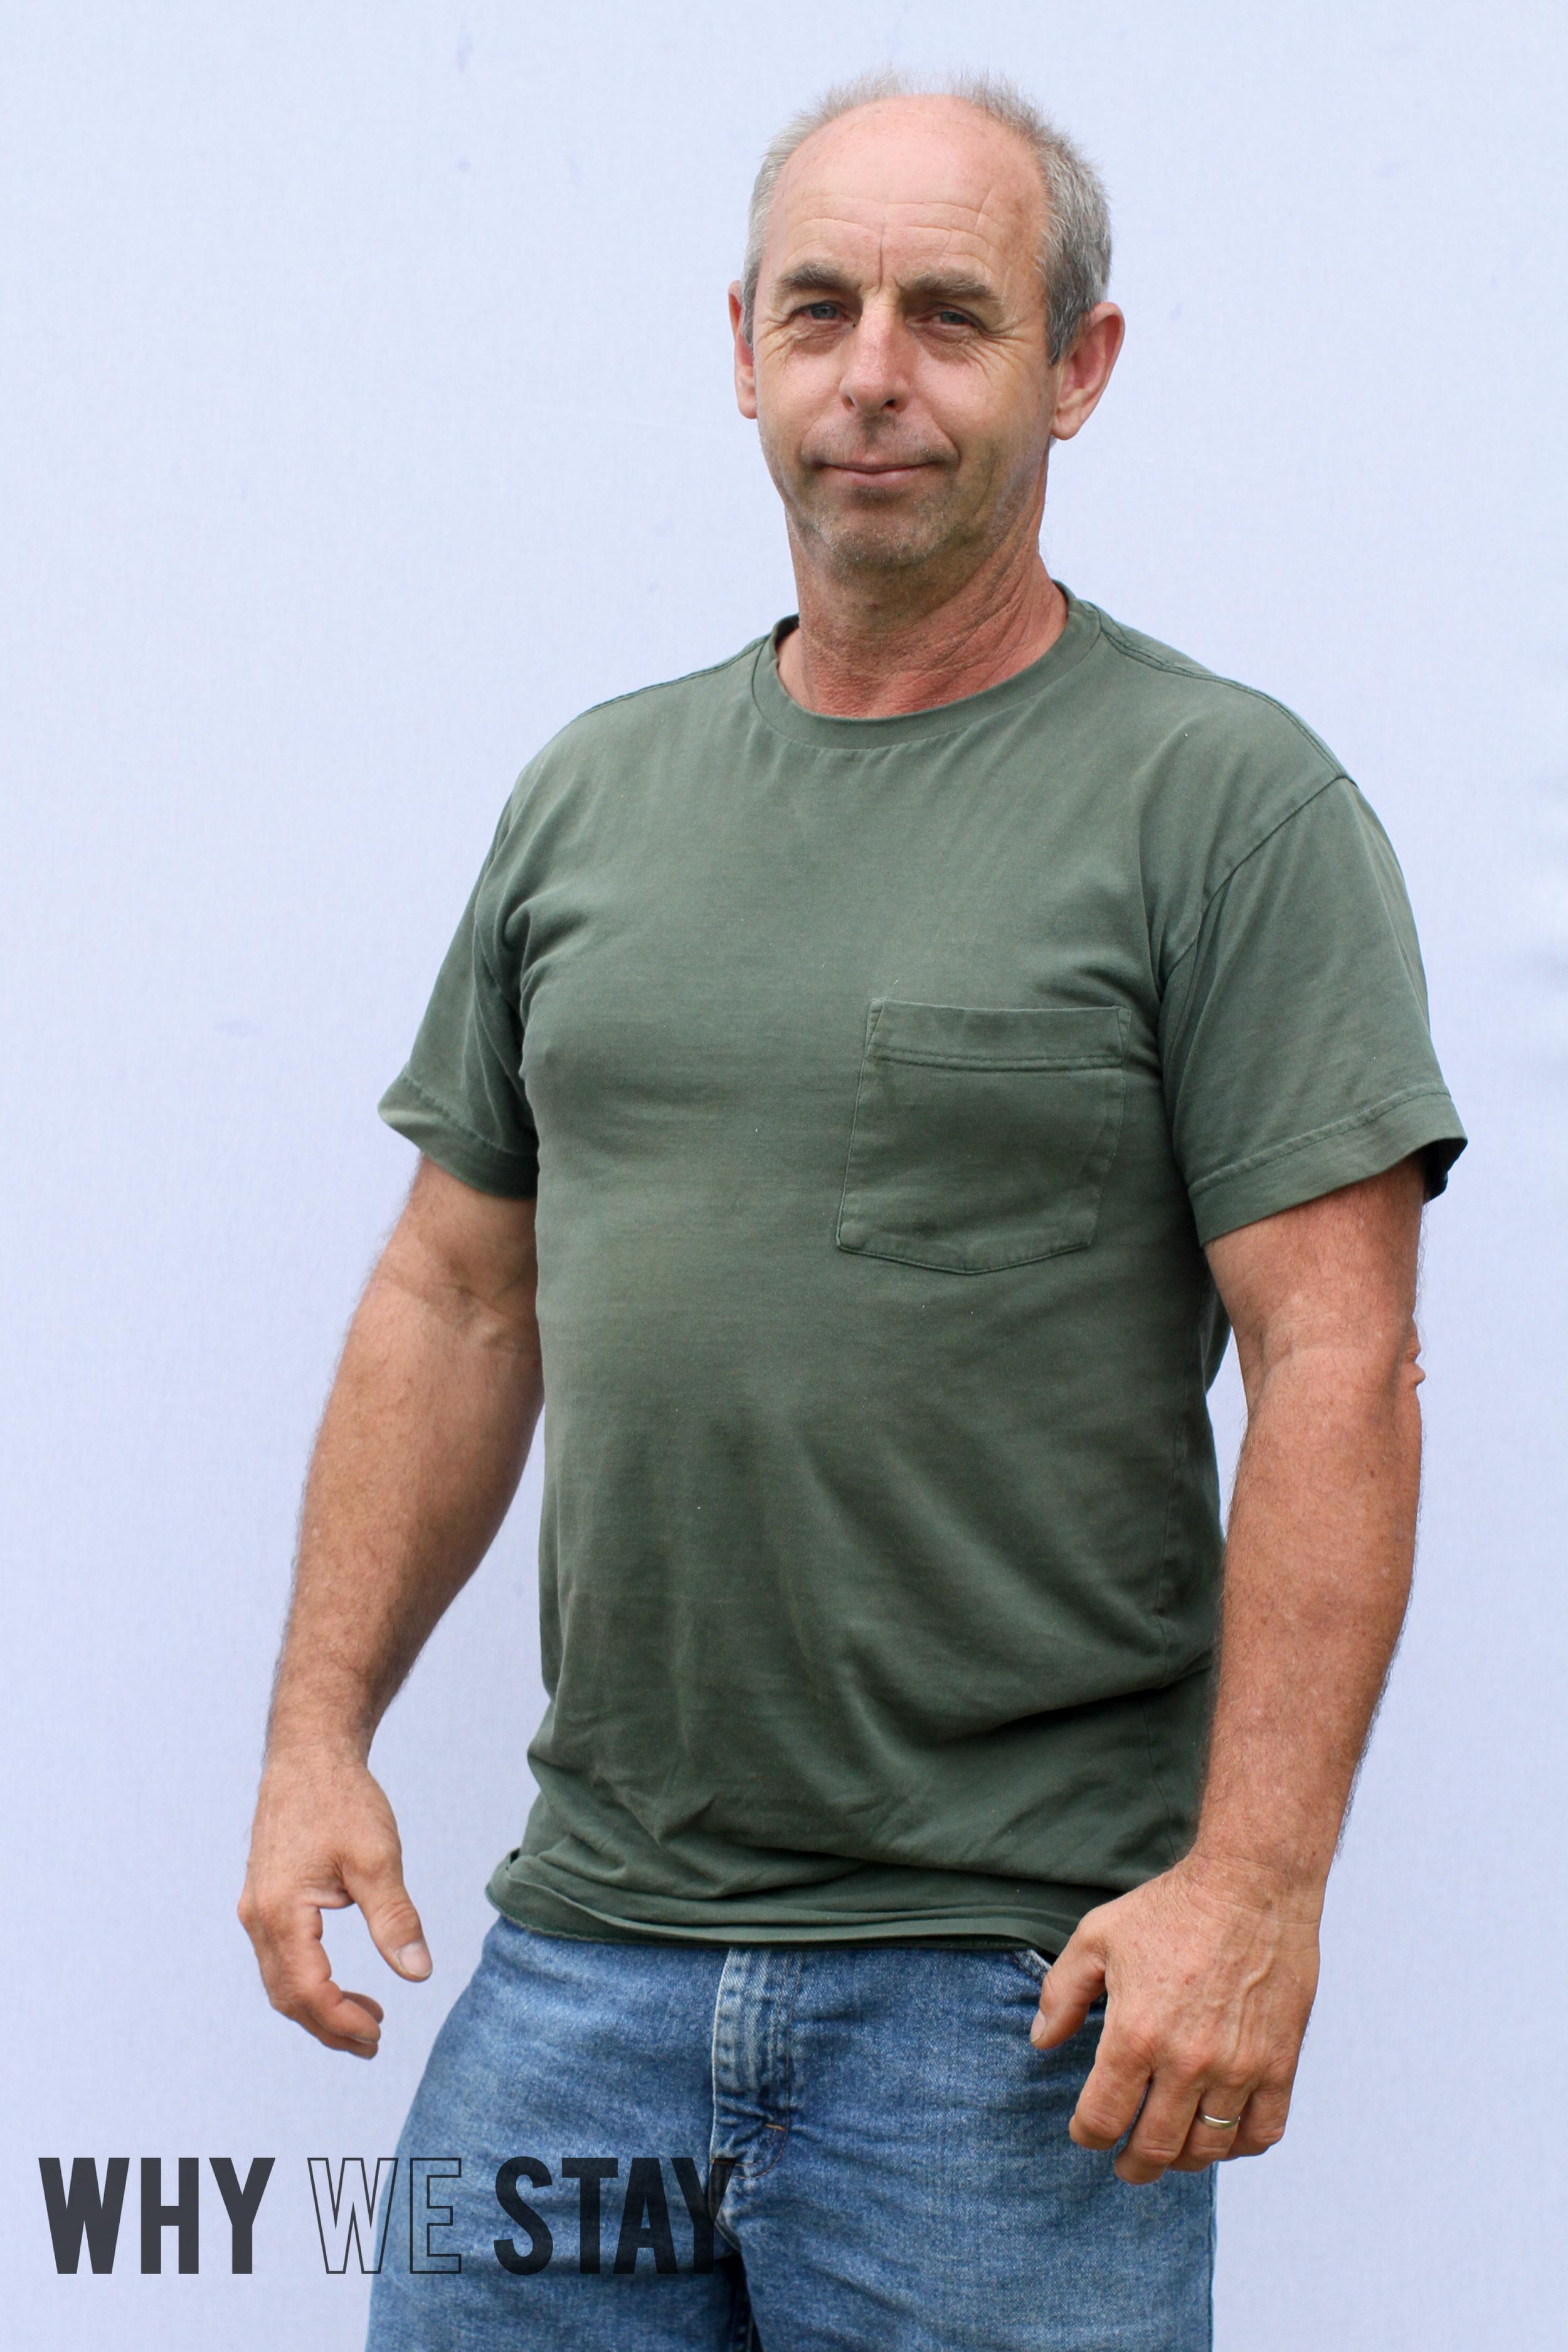 Gary Irish